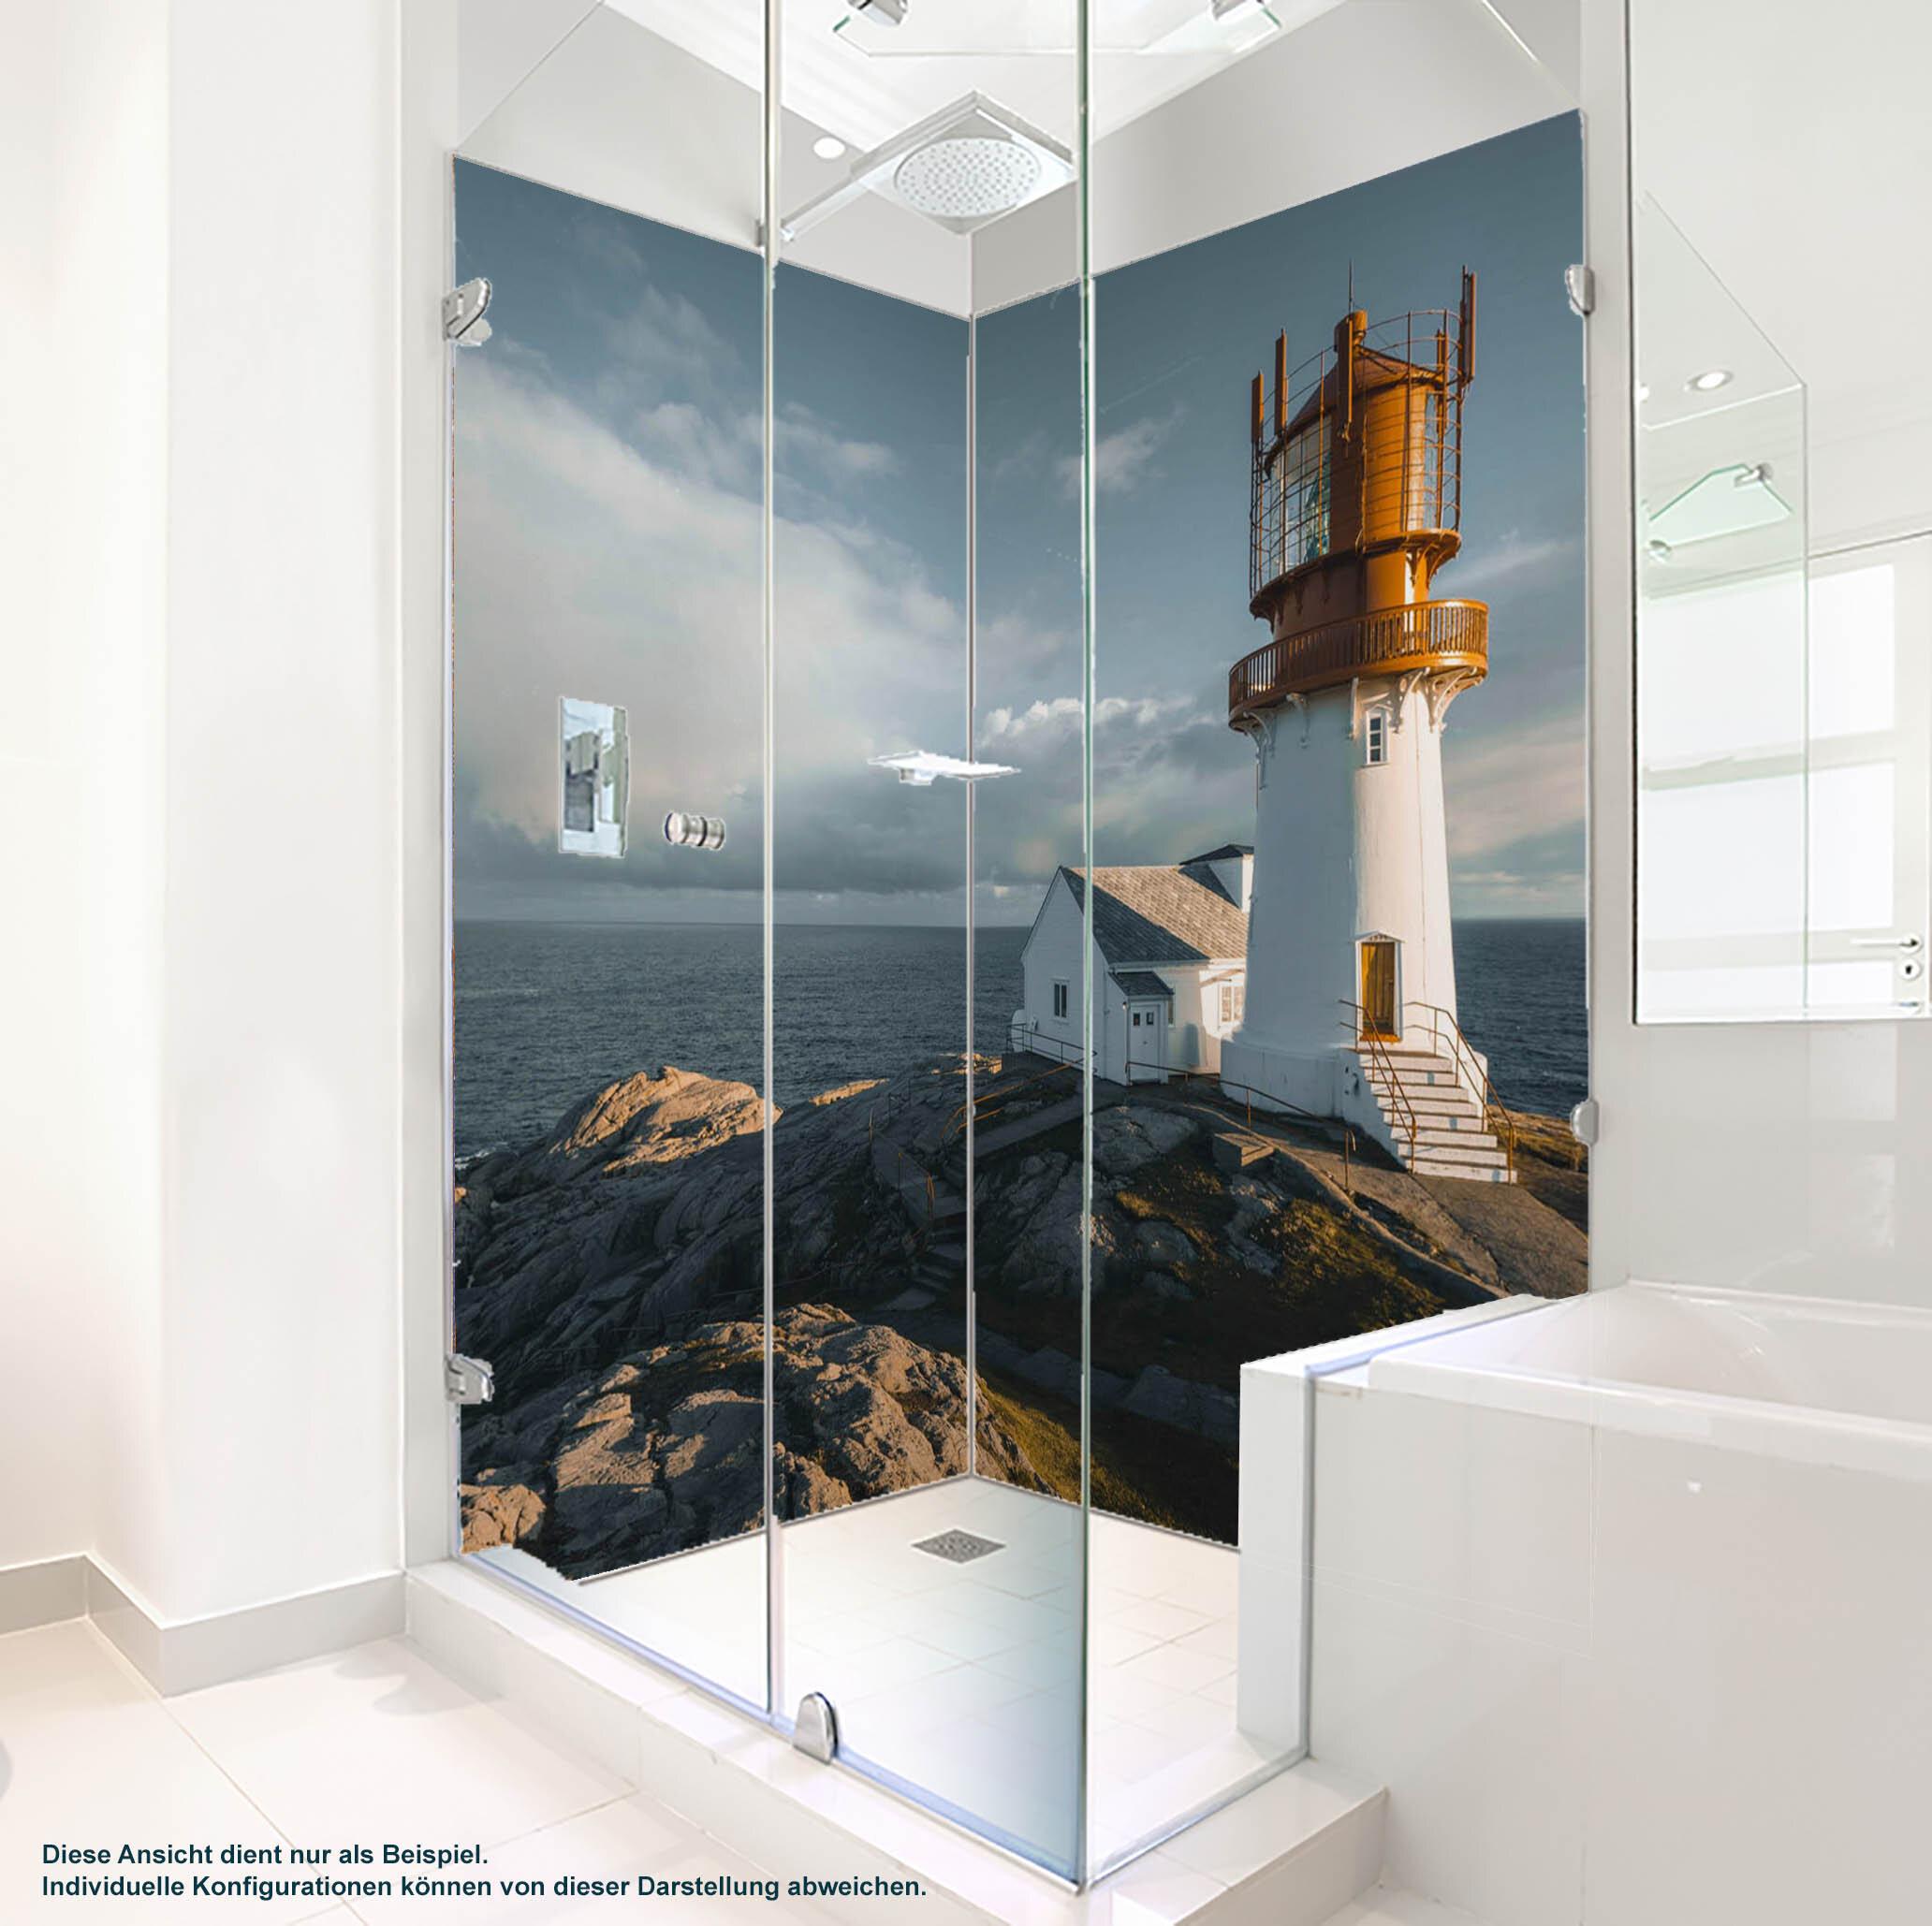 Dusche PlateART Duschrückwand mit Motiv Strand und Meer Leuchtturm Felsen